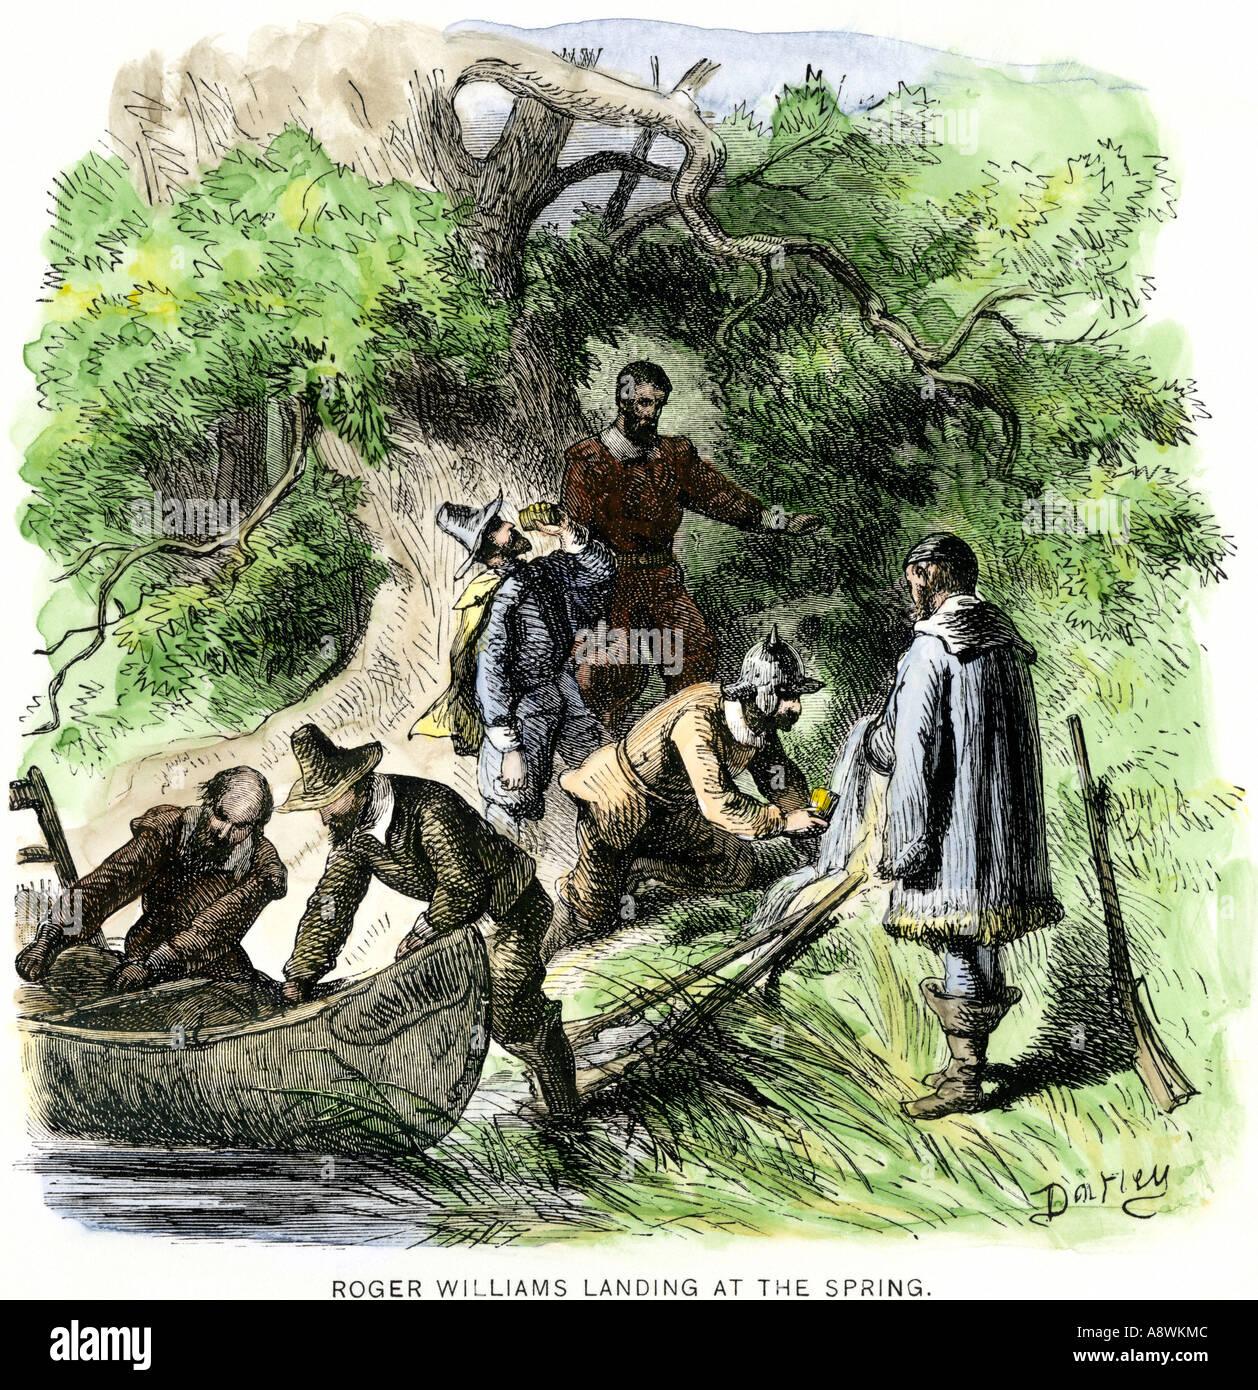 Roger Williams aterrizando en el muelle para fundar Providence Rhode Island 1636. Xilografía coloreada a mano Foto de stock